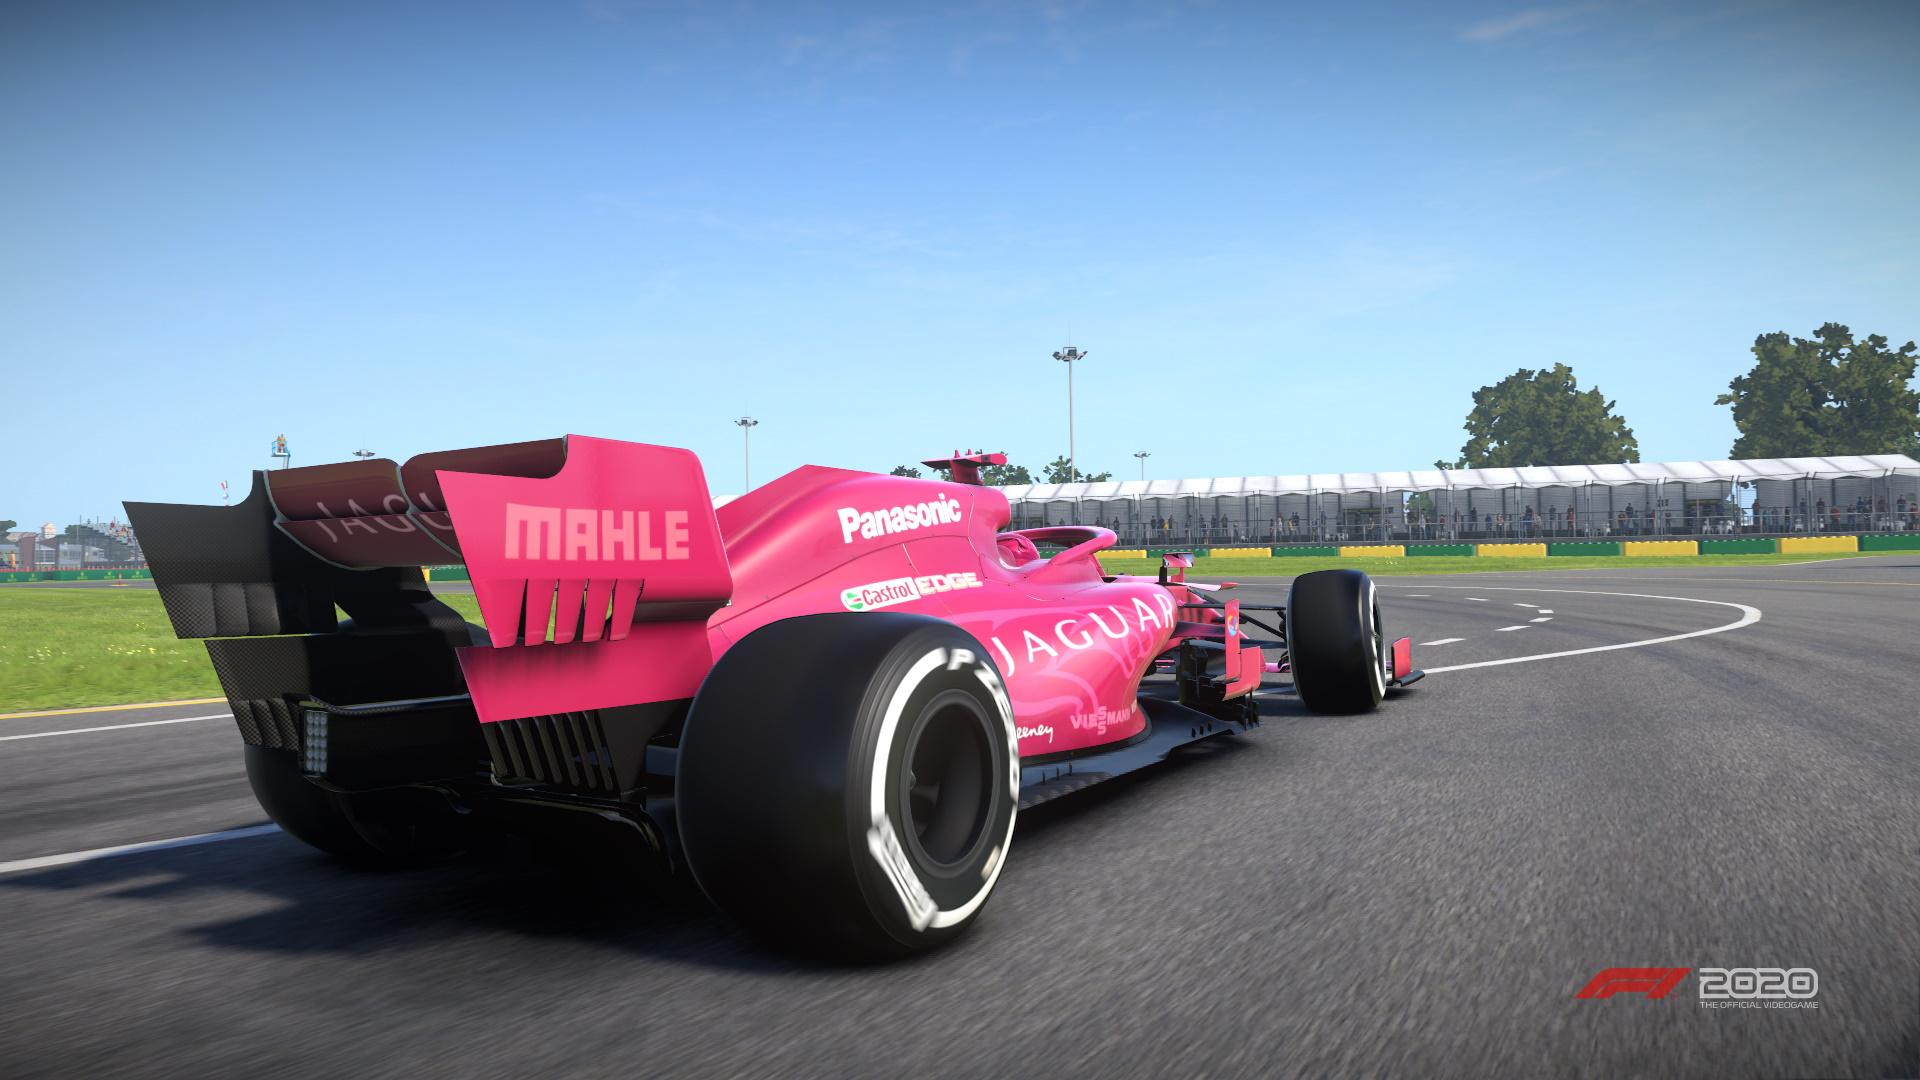 F1 2020 - DX12 Screenshot 2020.10.17 - 13.07.29.21.jpg